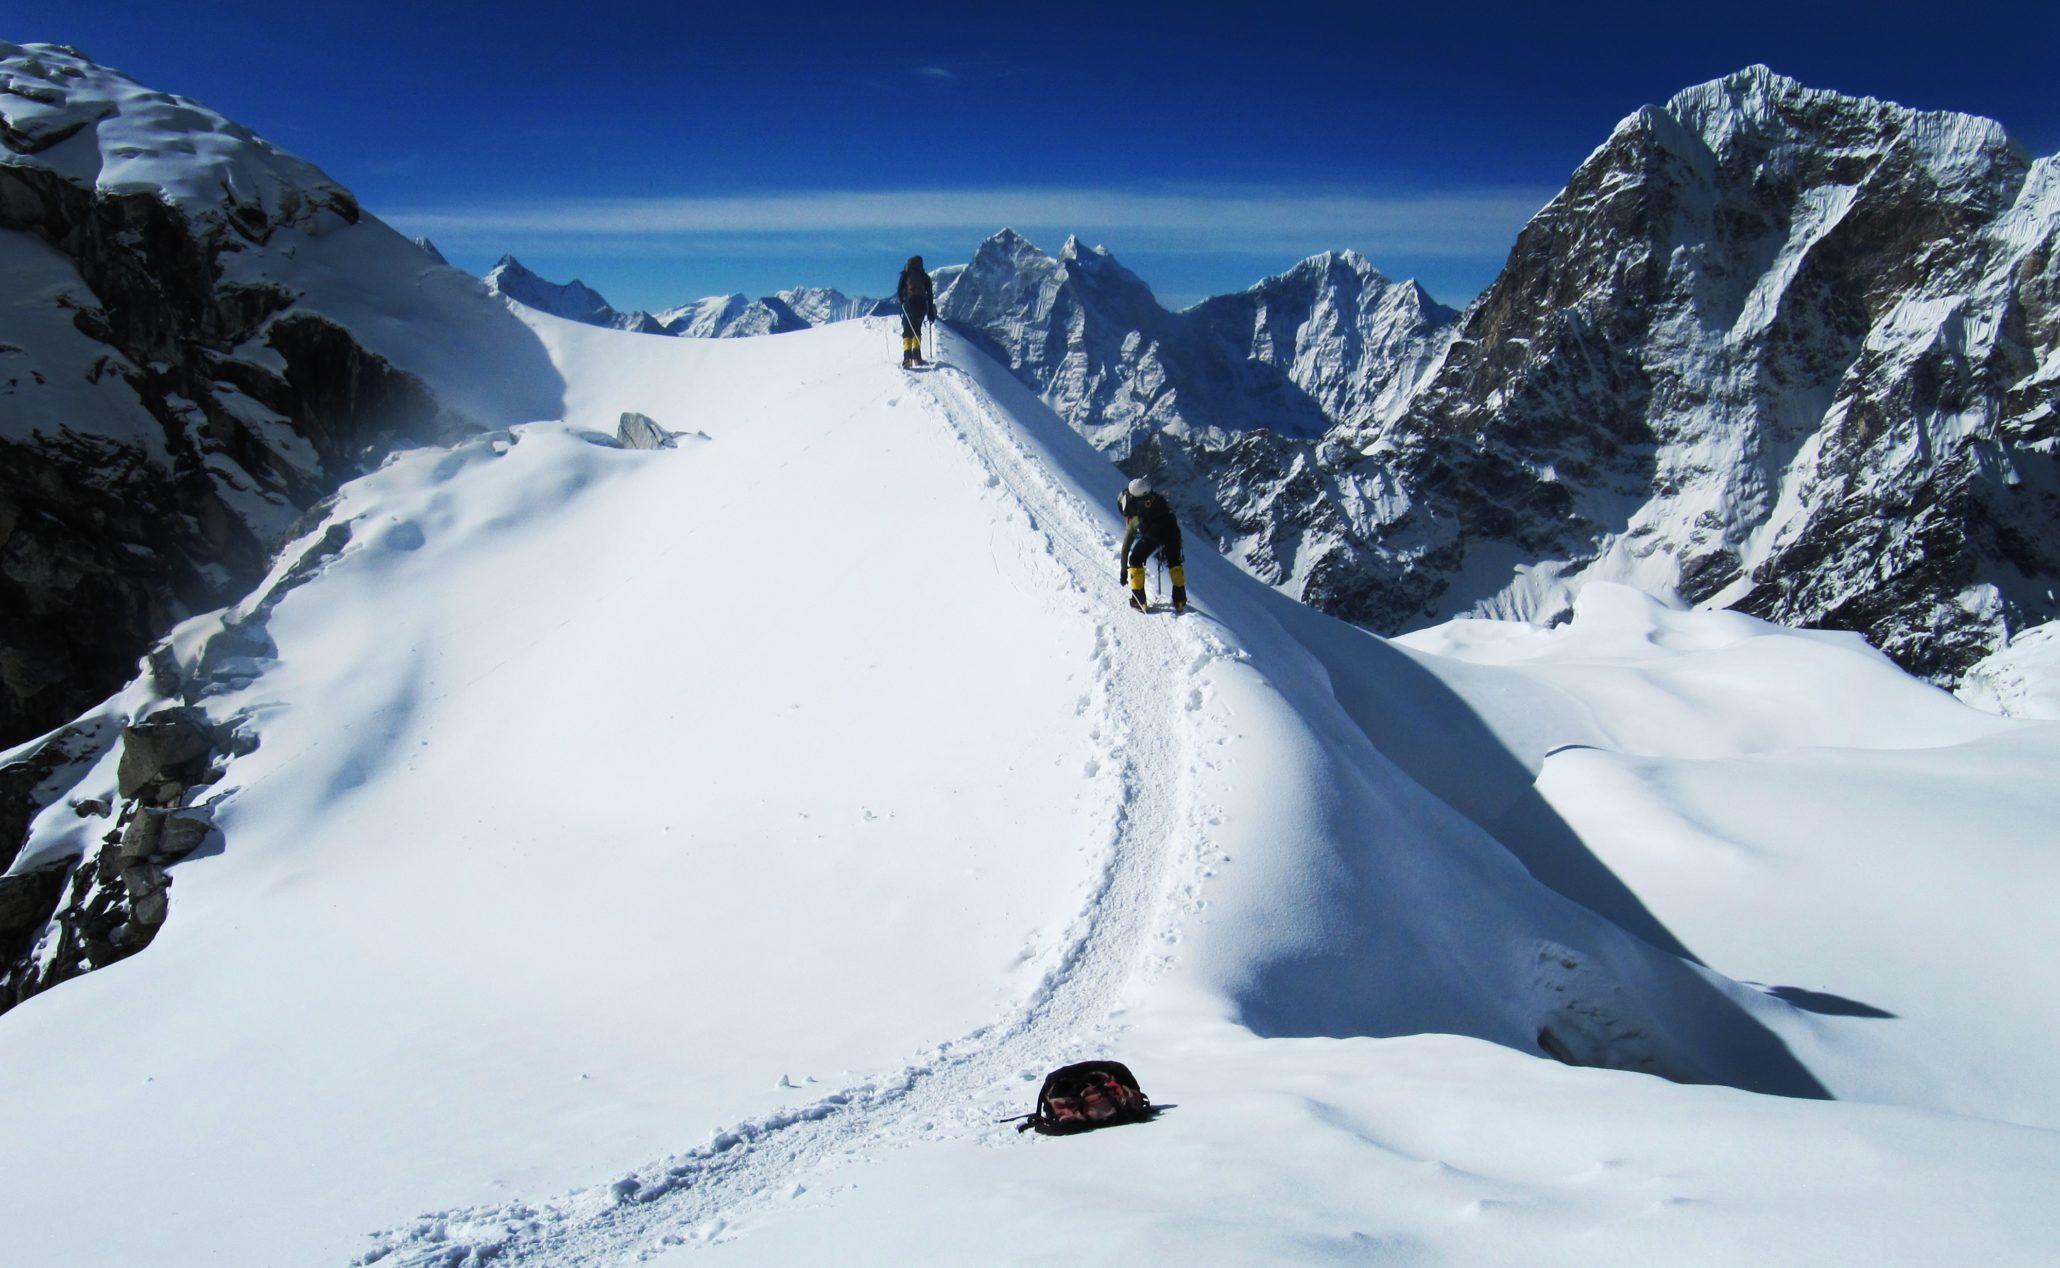 2 himalayan trekkers at the peak of lobuche in himalayas